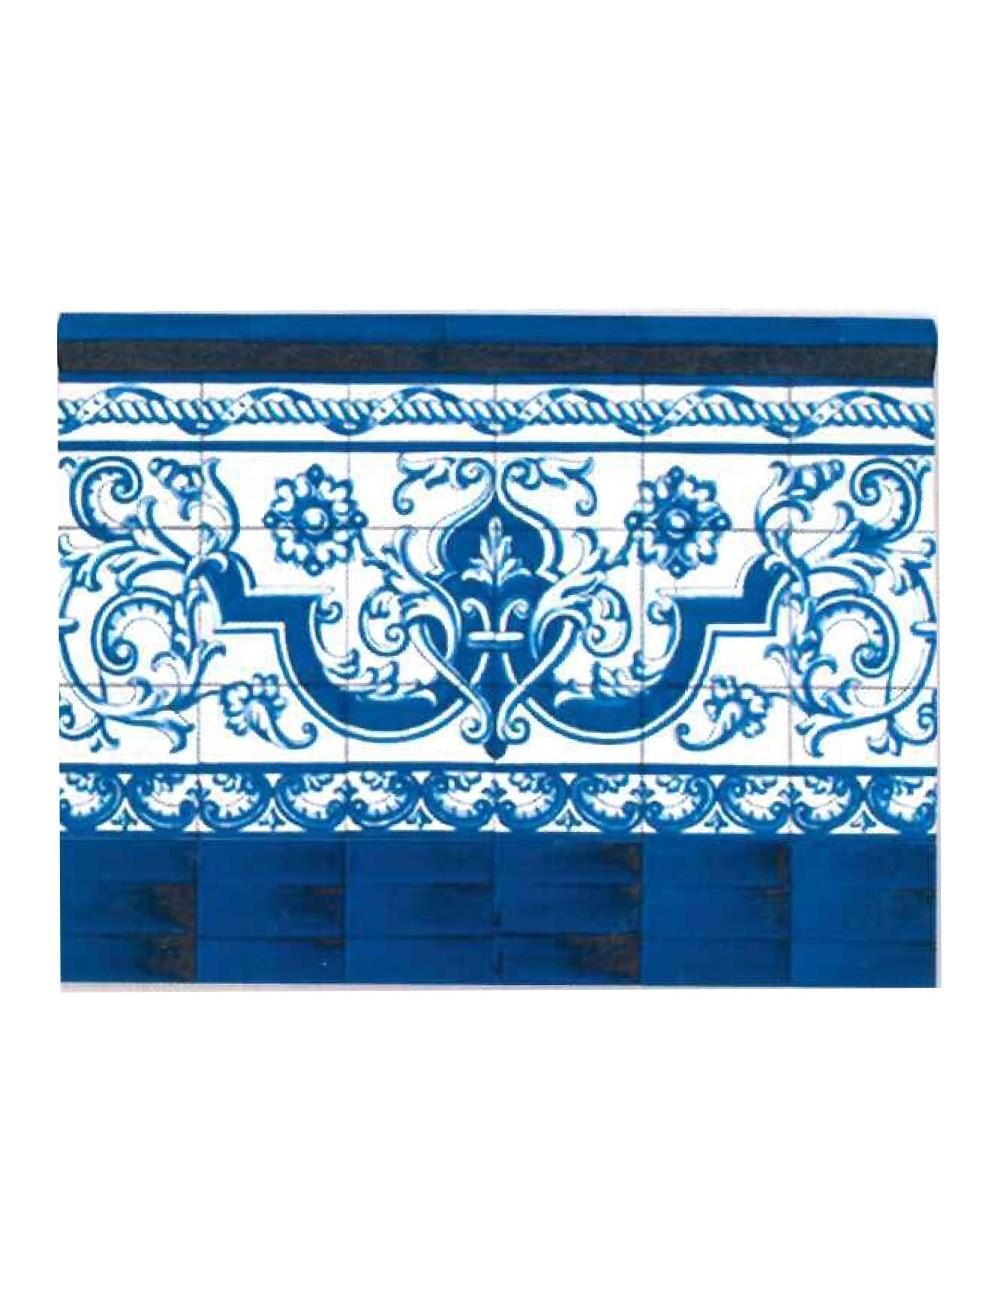 Z calo zahara artesan a sevilla - Zocalos de azulejos ...